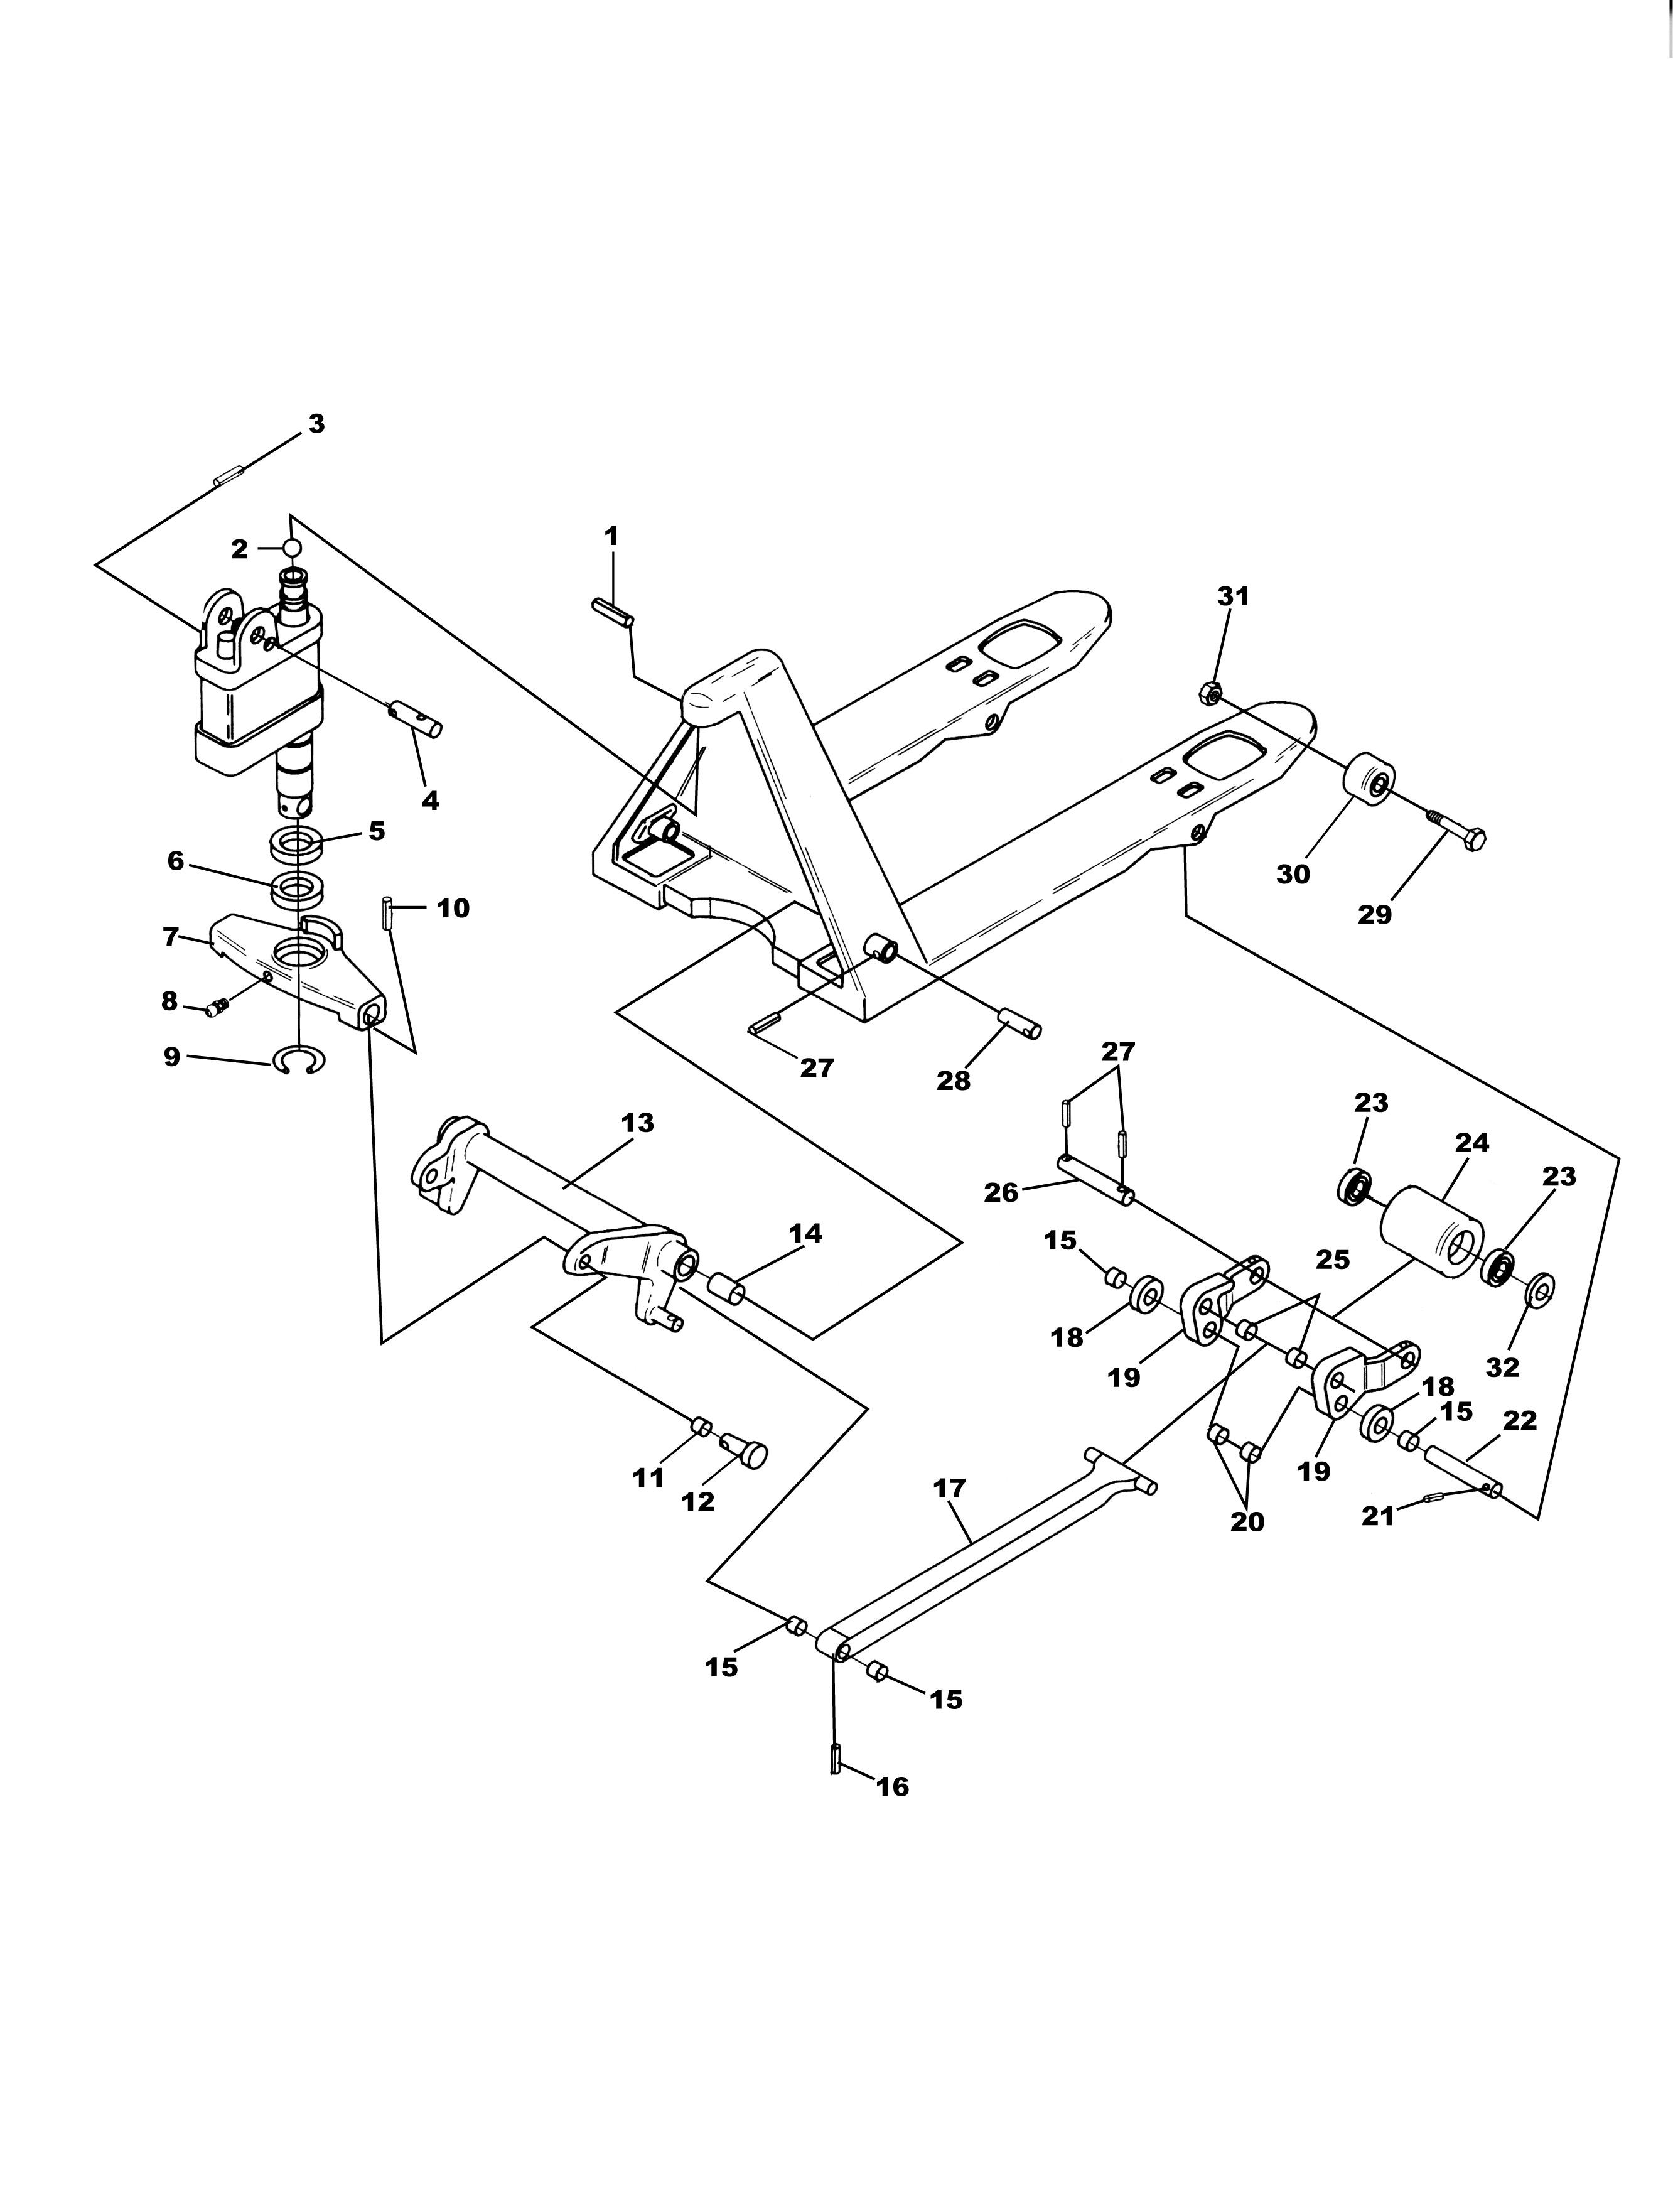 crown pallet jack parts diagram